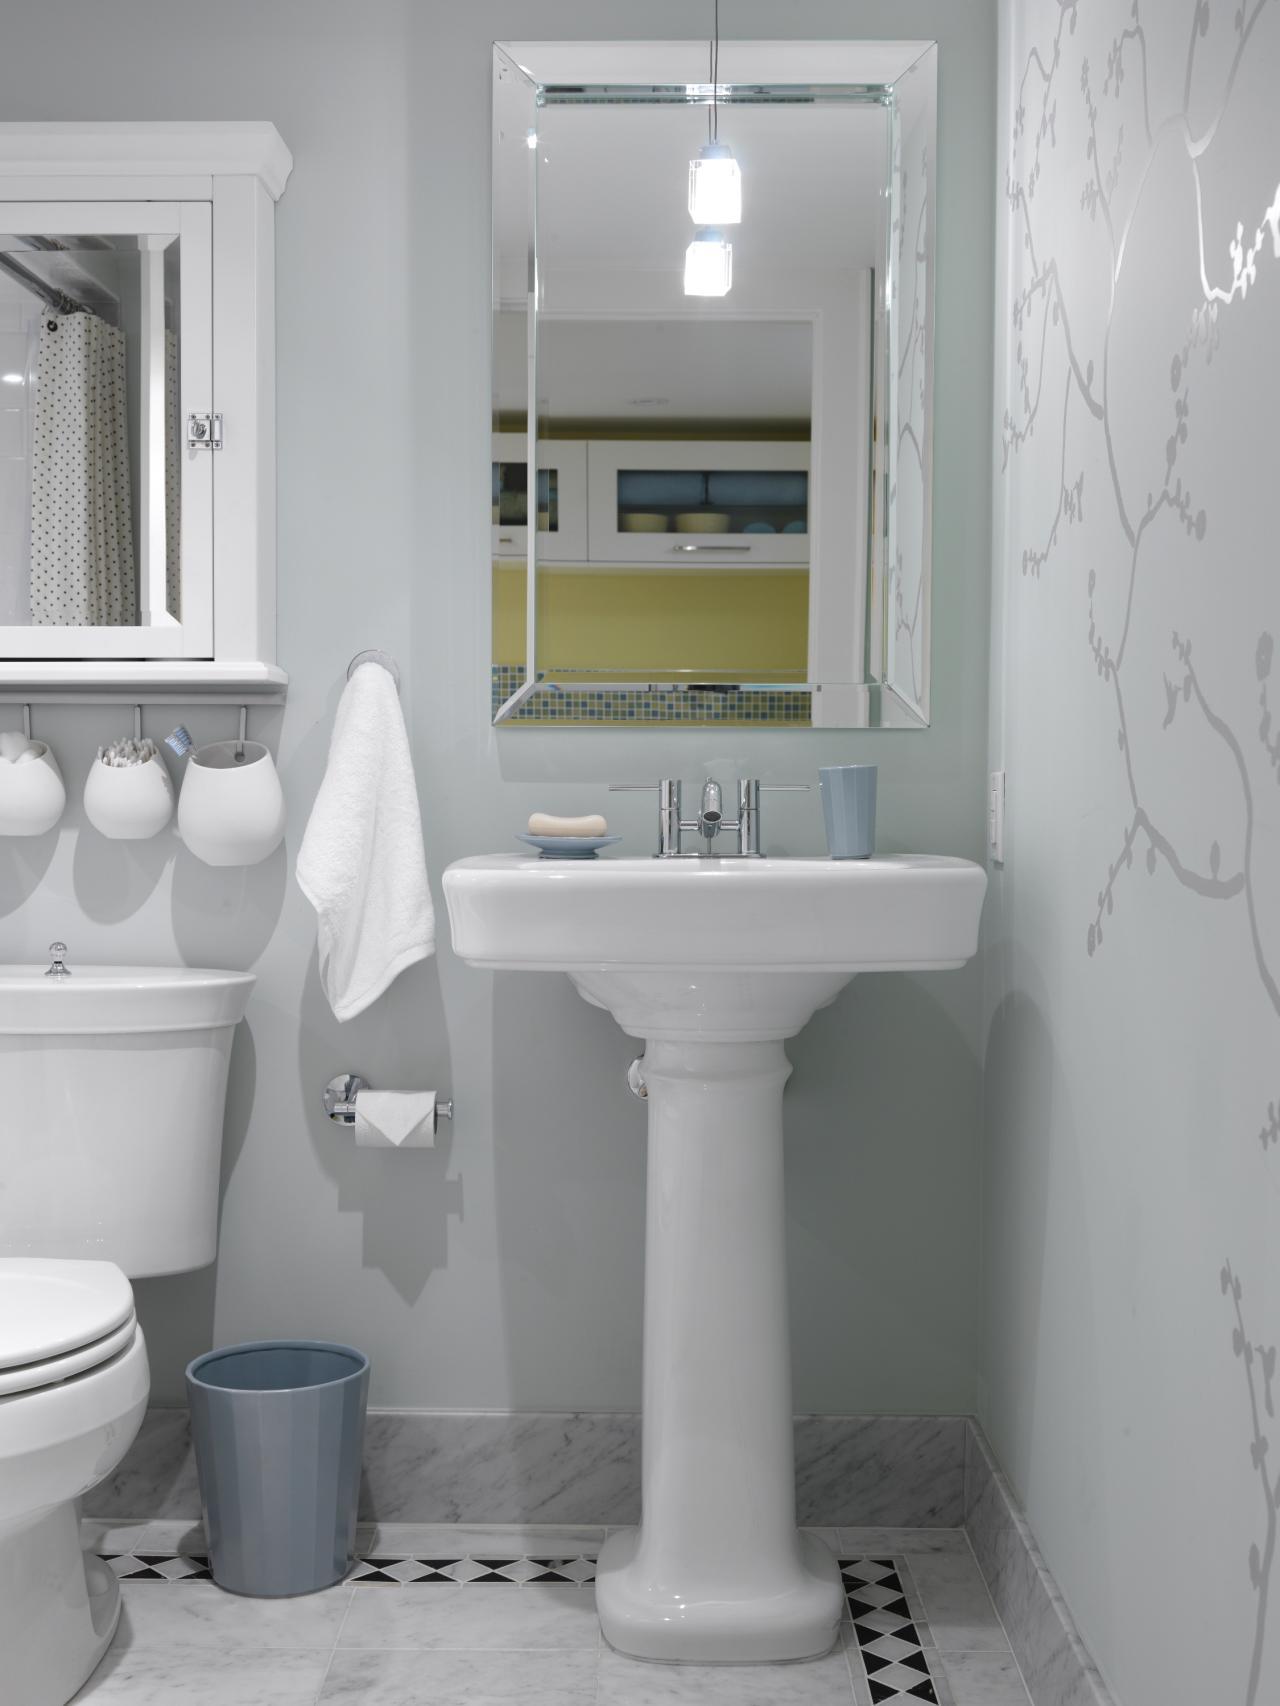 Small Bathroom Decorating Ideas small bathroom decorating ideas they design inside bathroom design ideas MVGCIYH